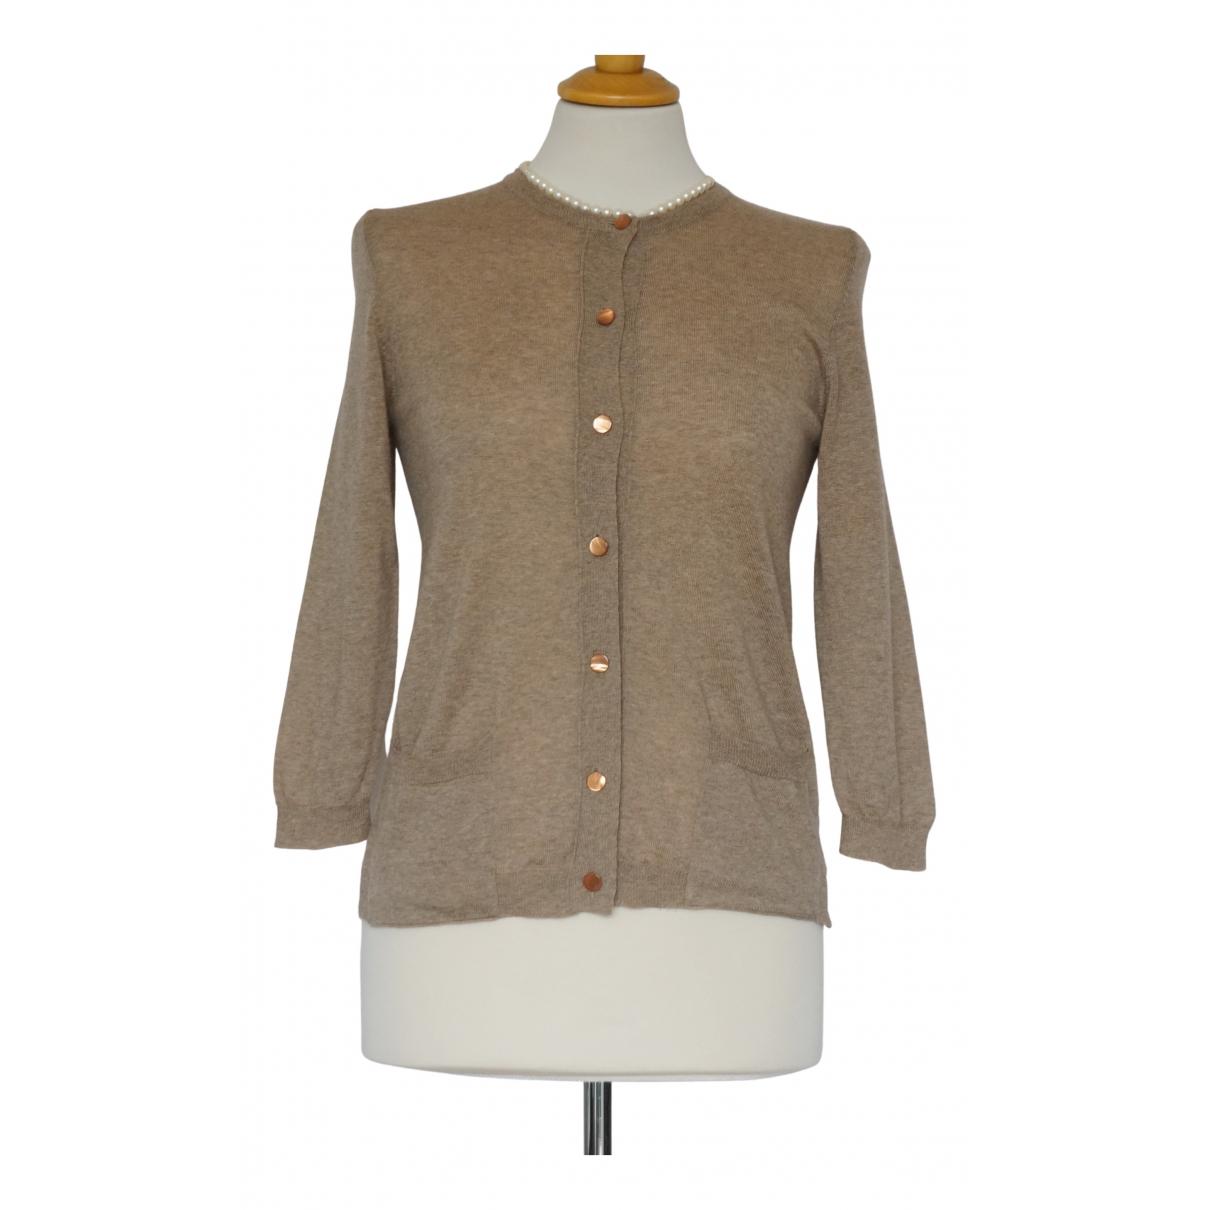 Jean Paul Gaultier N Beige Wool Knitwear for Women S International